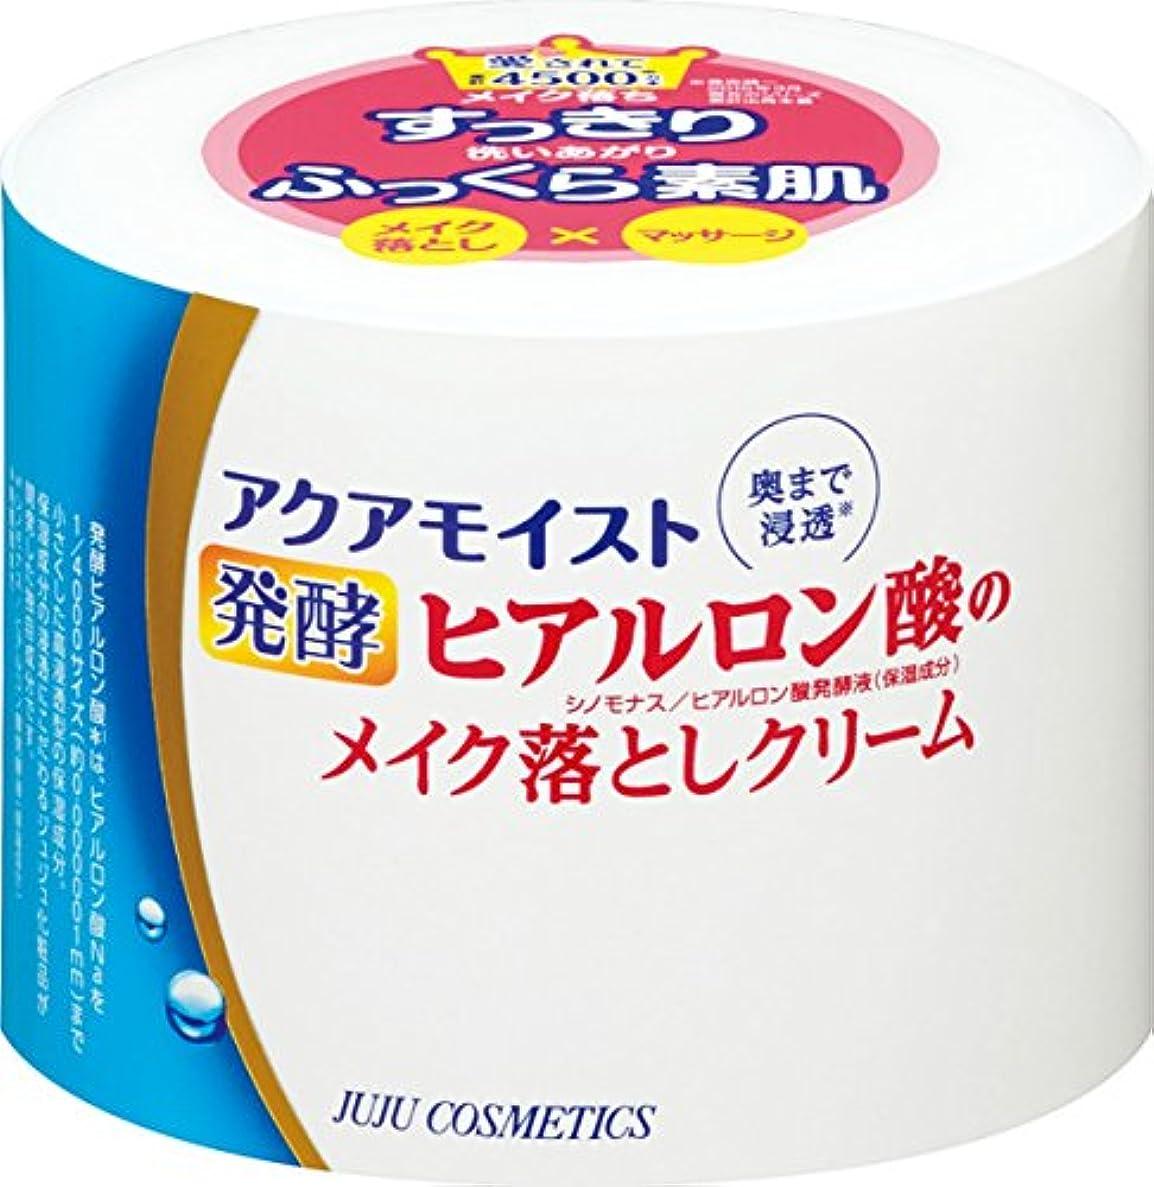 スカイ魔女知り合いアクアモイスト 発酵ヒアルロン酸のメイク落としクリーム 160g